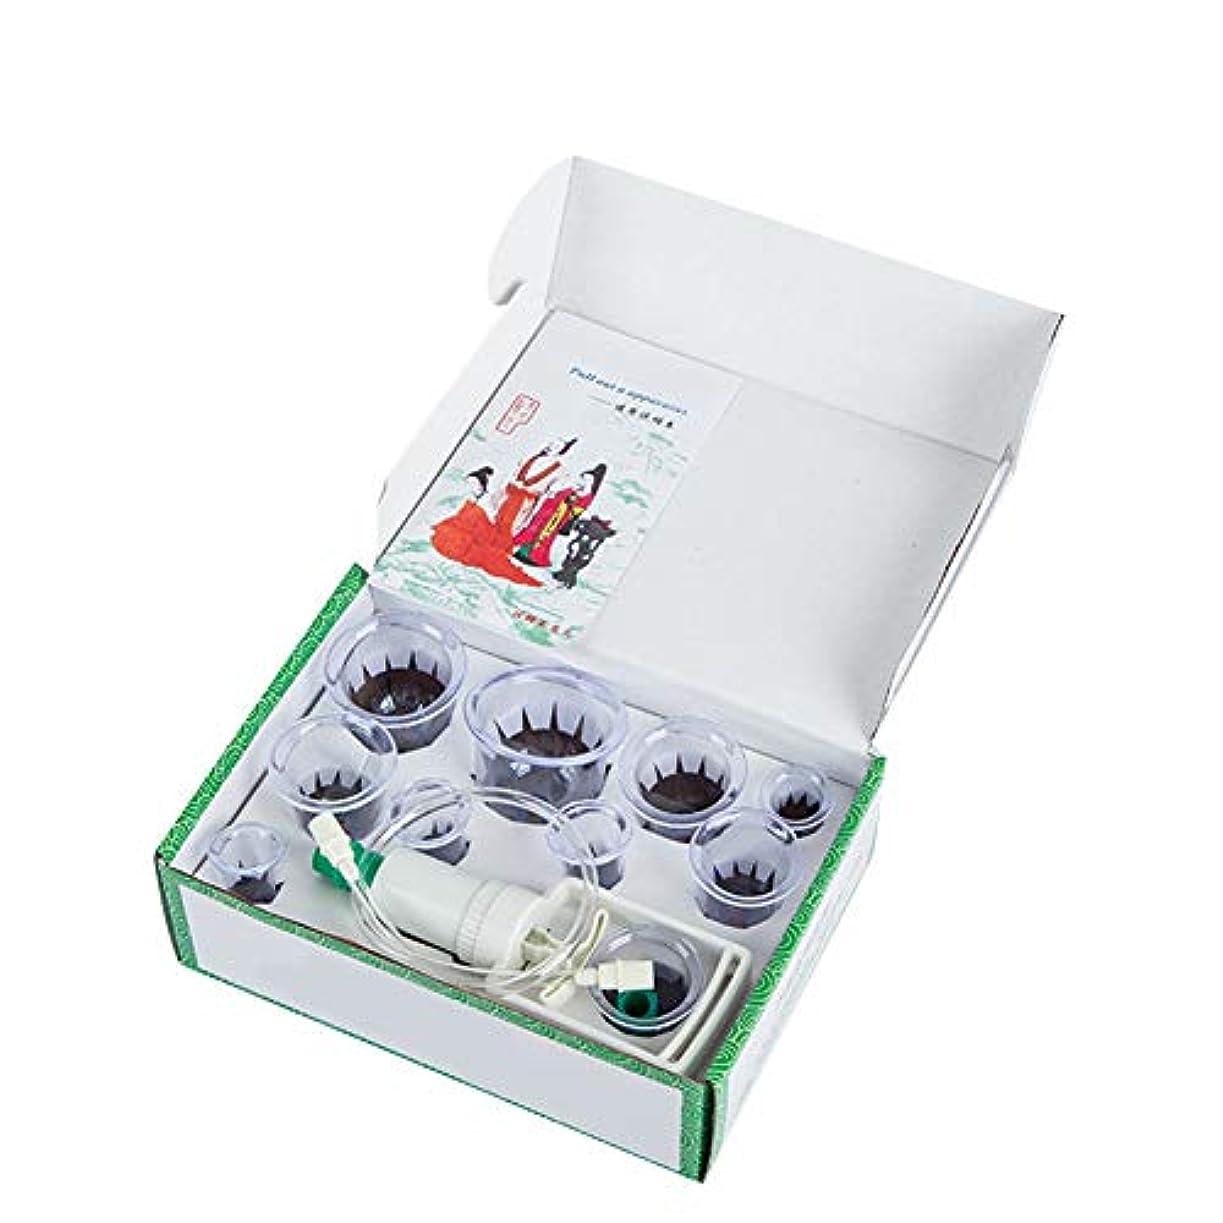 水星手術定規10カップカッピングセットプラスチック、真空吸引中国式ツボ療法、ポンプ付きホーム、ボディマッサージ鎮痛理学療法排泄毒素